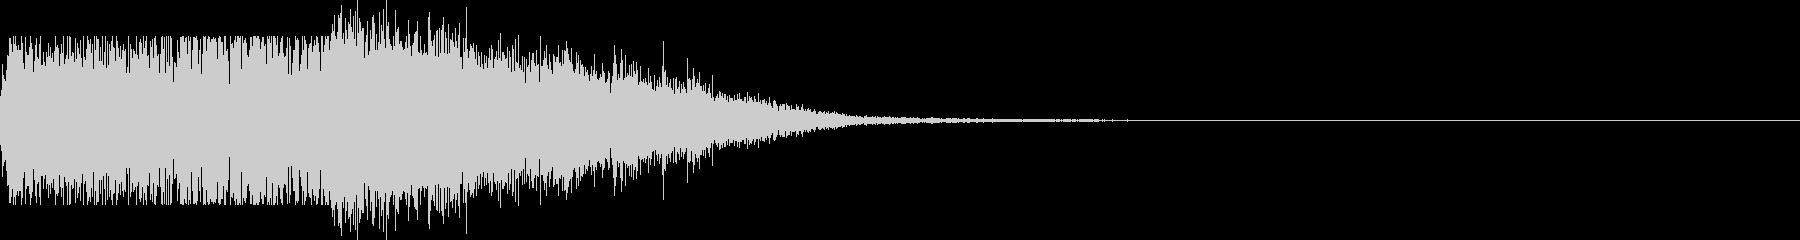 スキル/呪文/マジック/氷属性の未再生の波形